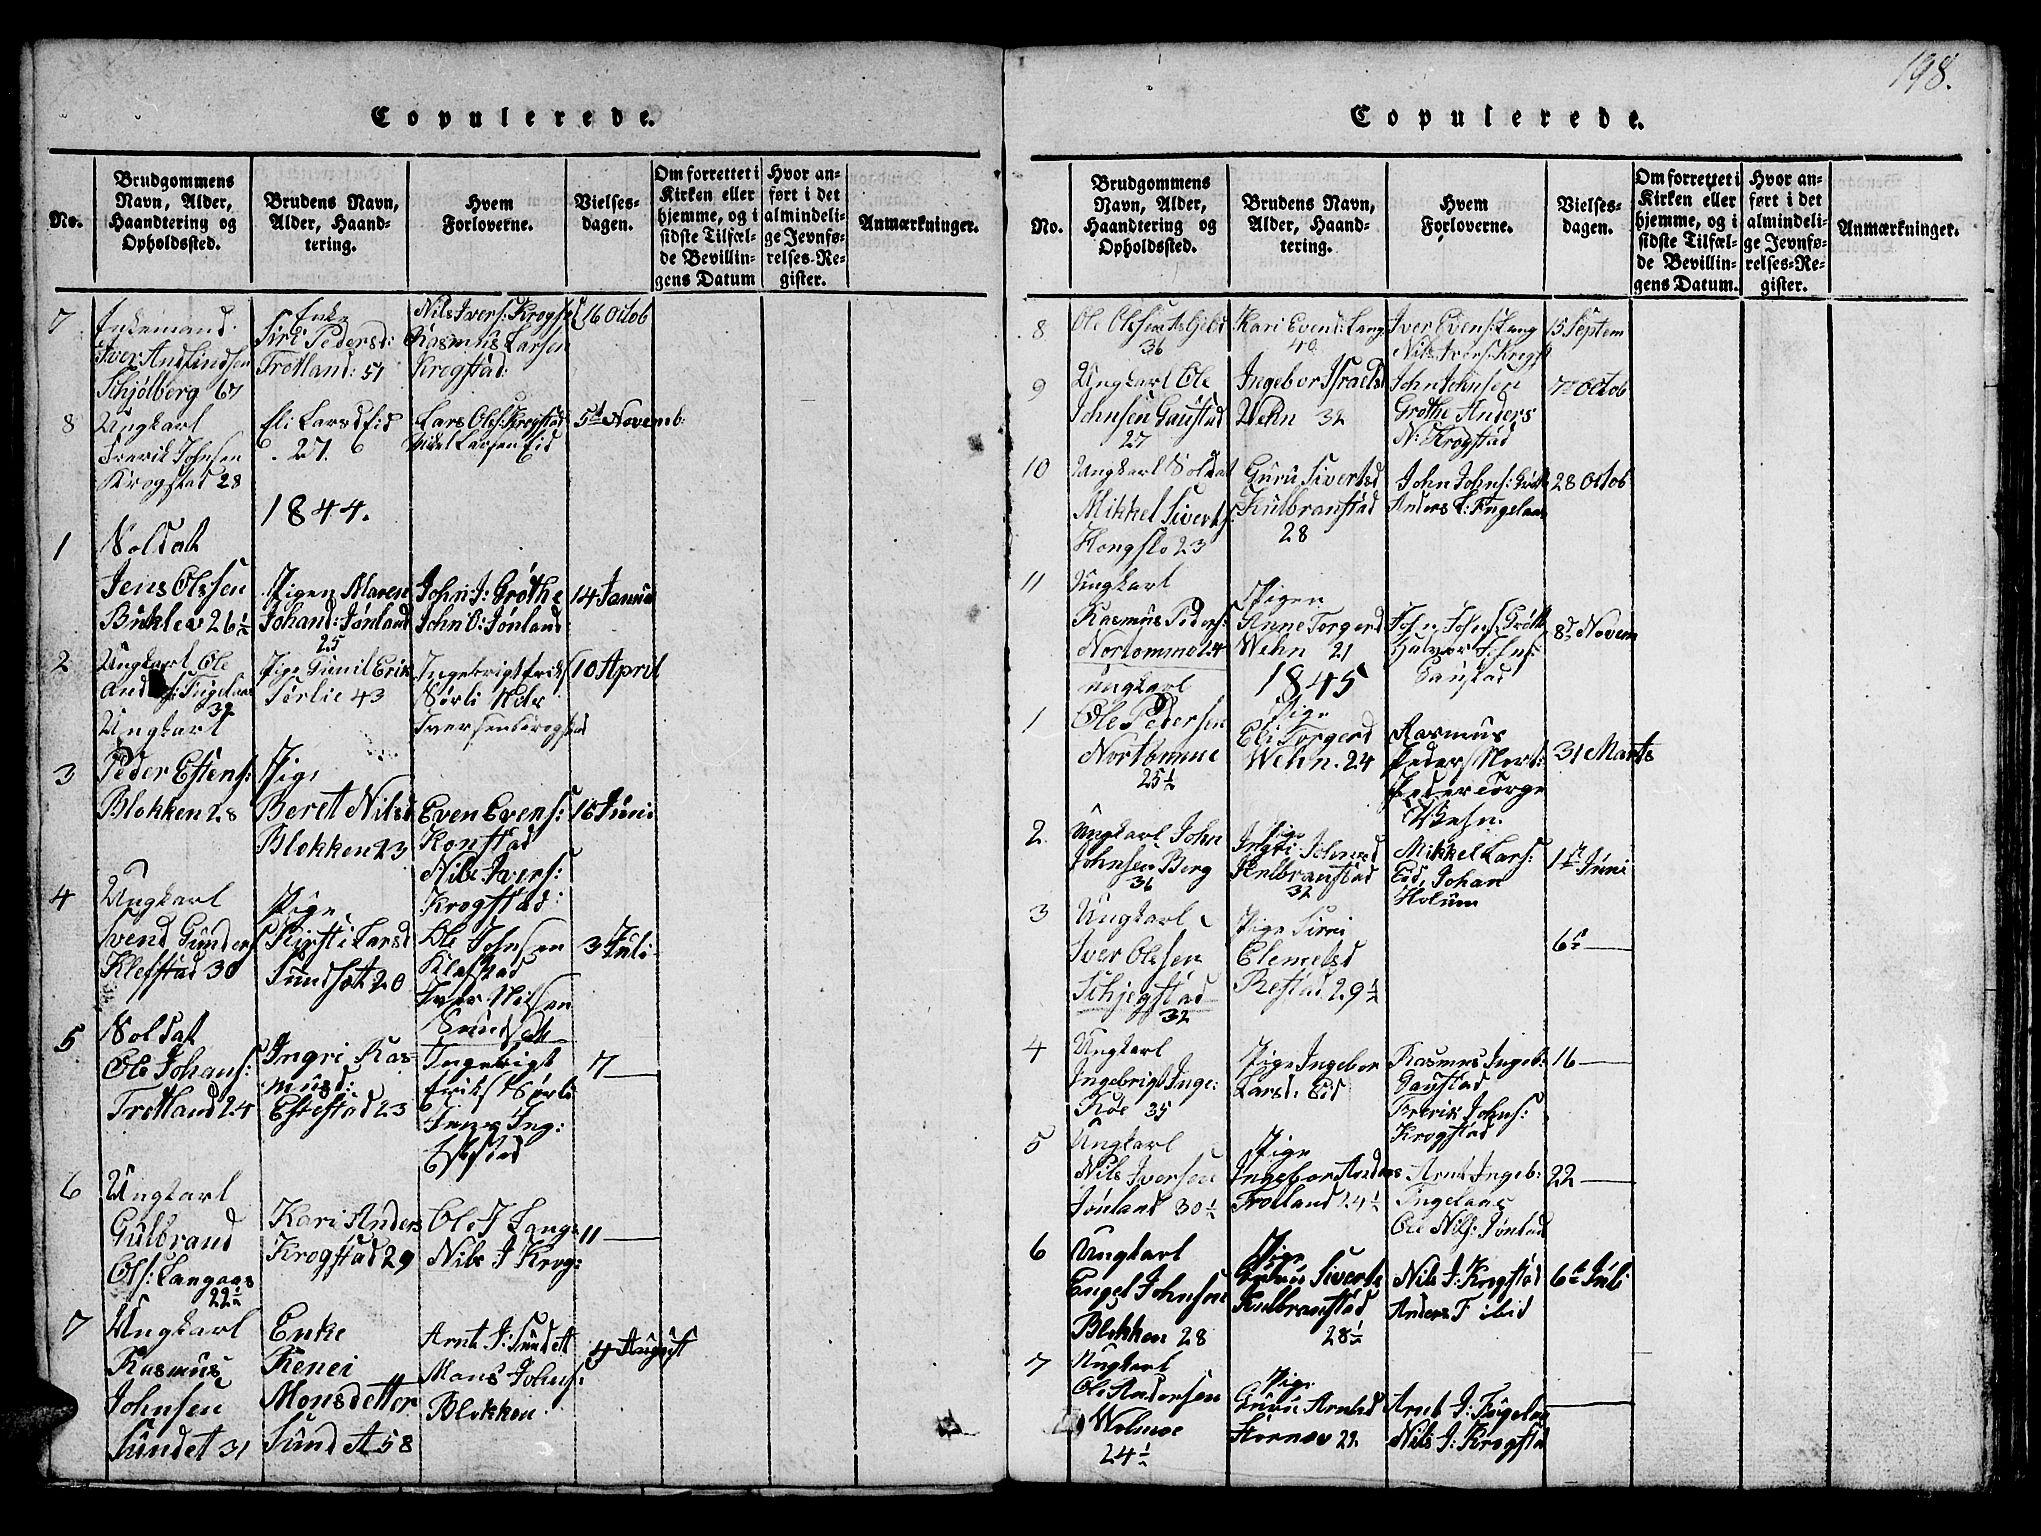 SAT, Ministerialprotokoller, klokkerbøker og fødselsregistre - Sør-Trøndelag, 694/L1130: Klokkerbok nr. 694C02, 1816-1857, s. 198